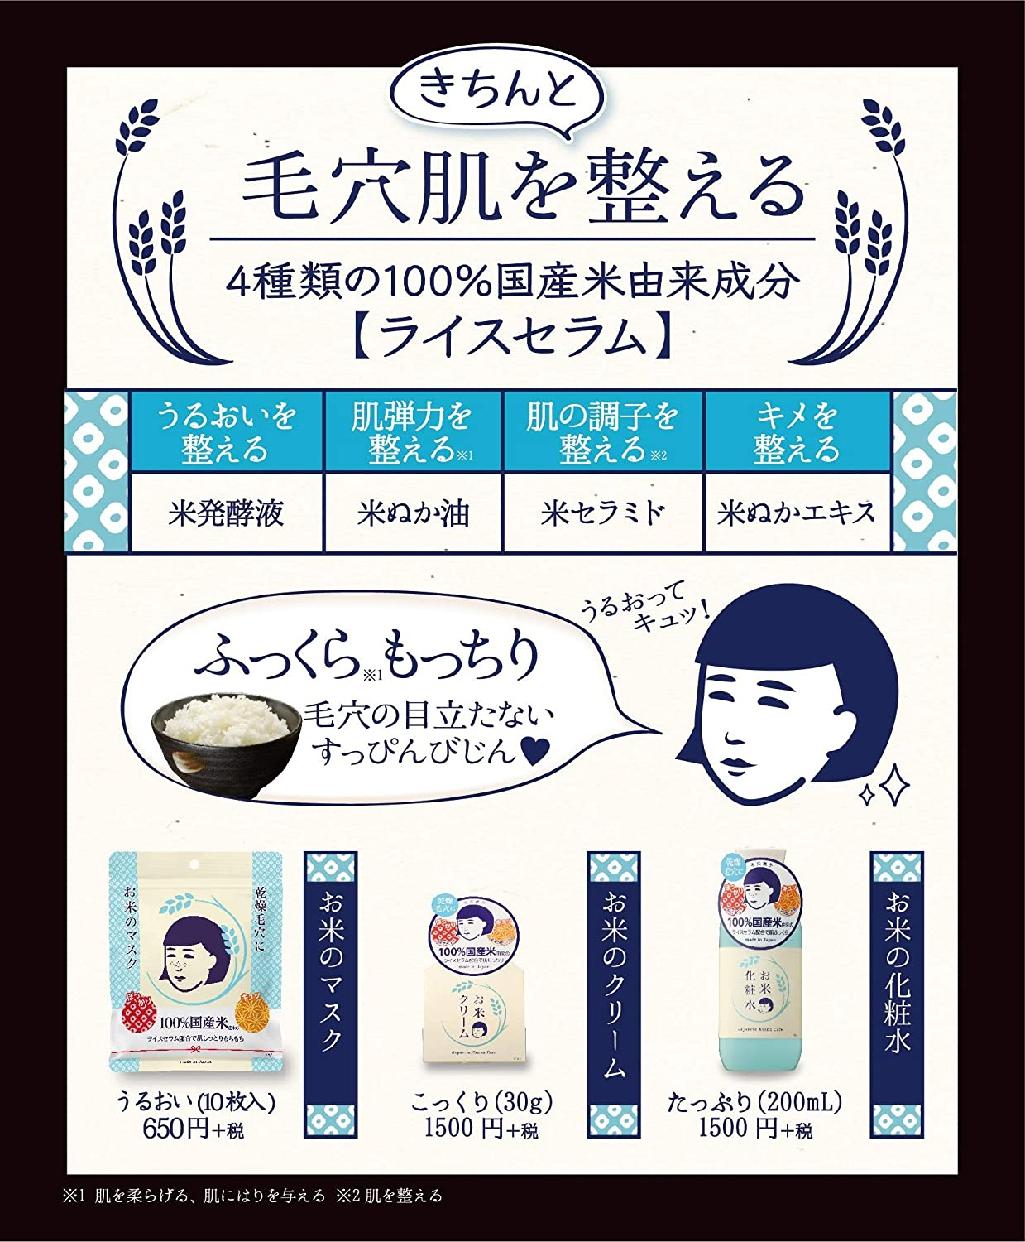 毛穴撫子(ケアナナデシコ) お米の化粧水の商品画像3